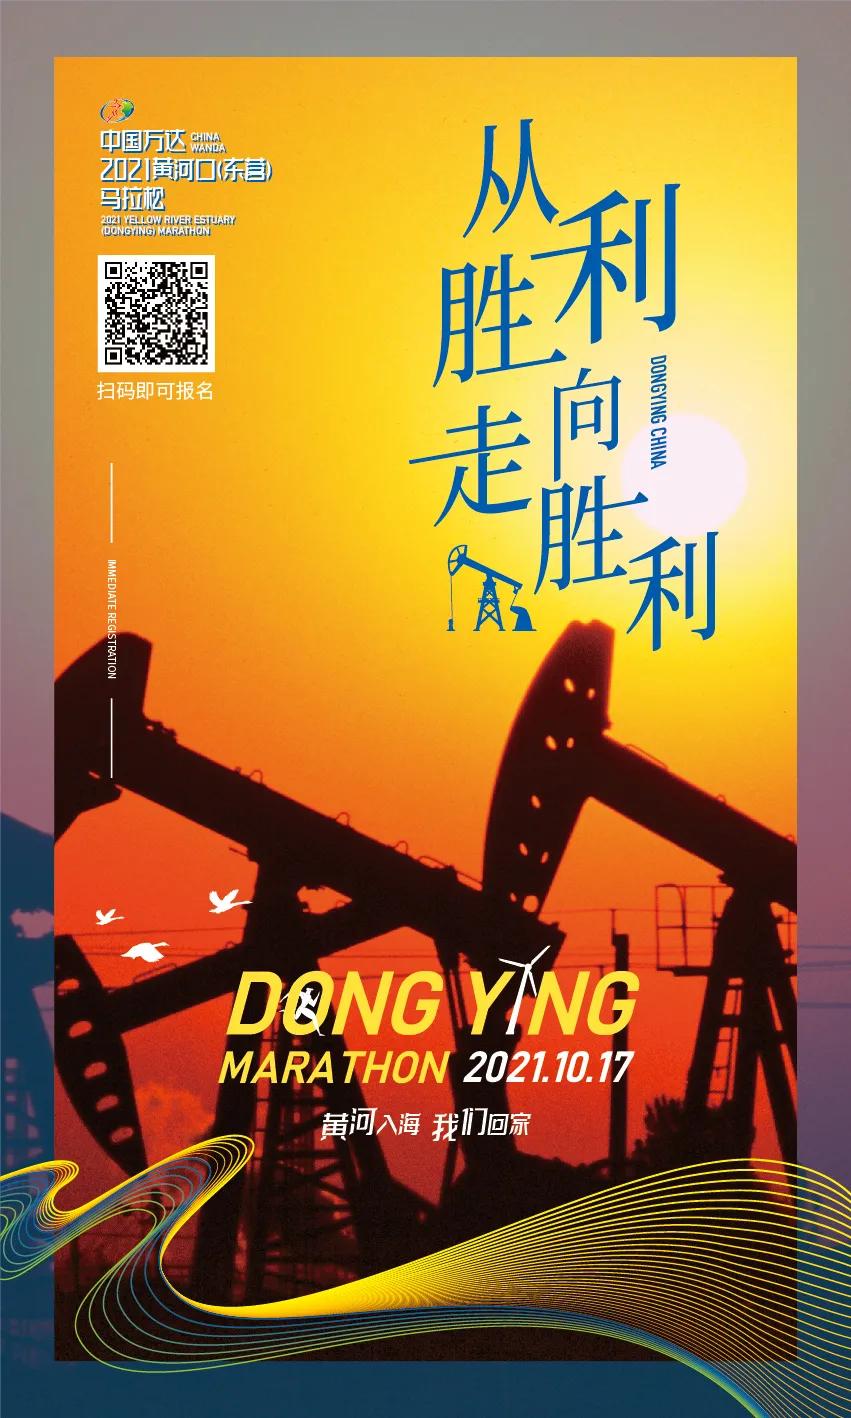 黄河入海,我们回家!2021黄河口(东营)马拉松今日启动报名